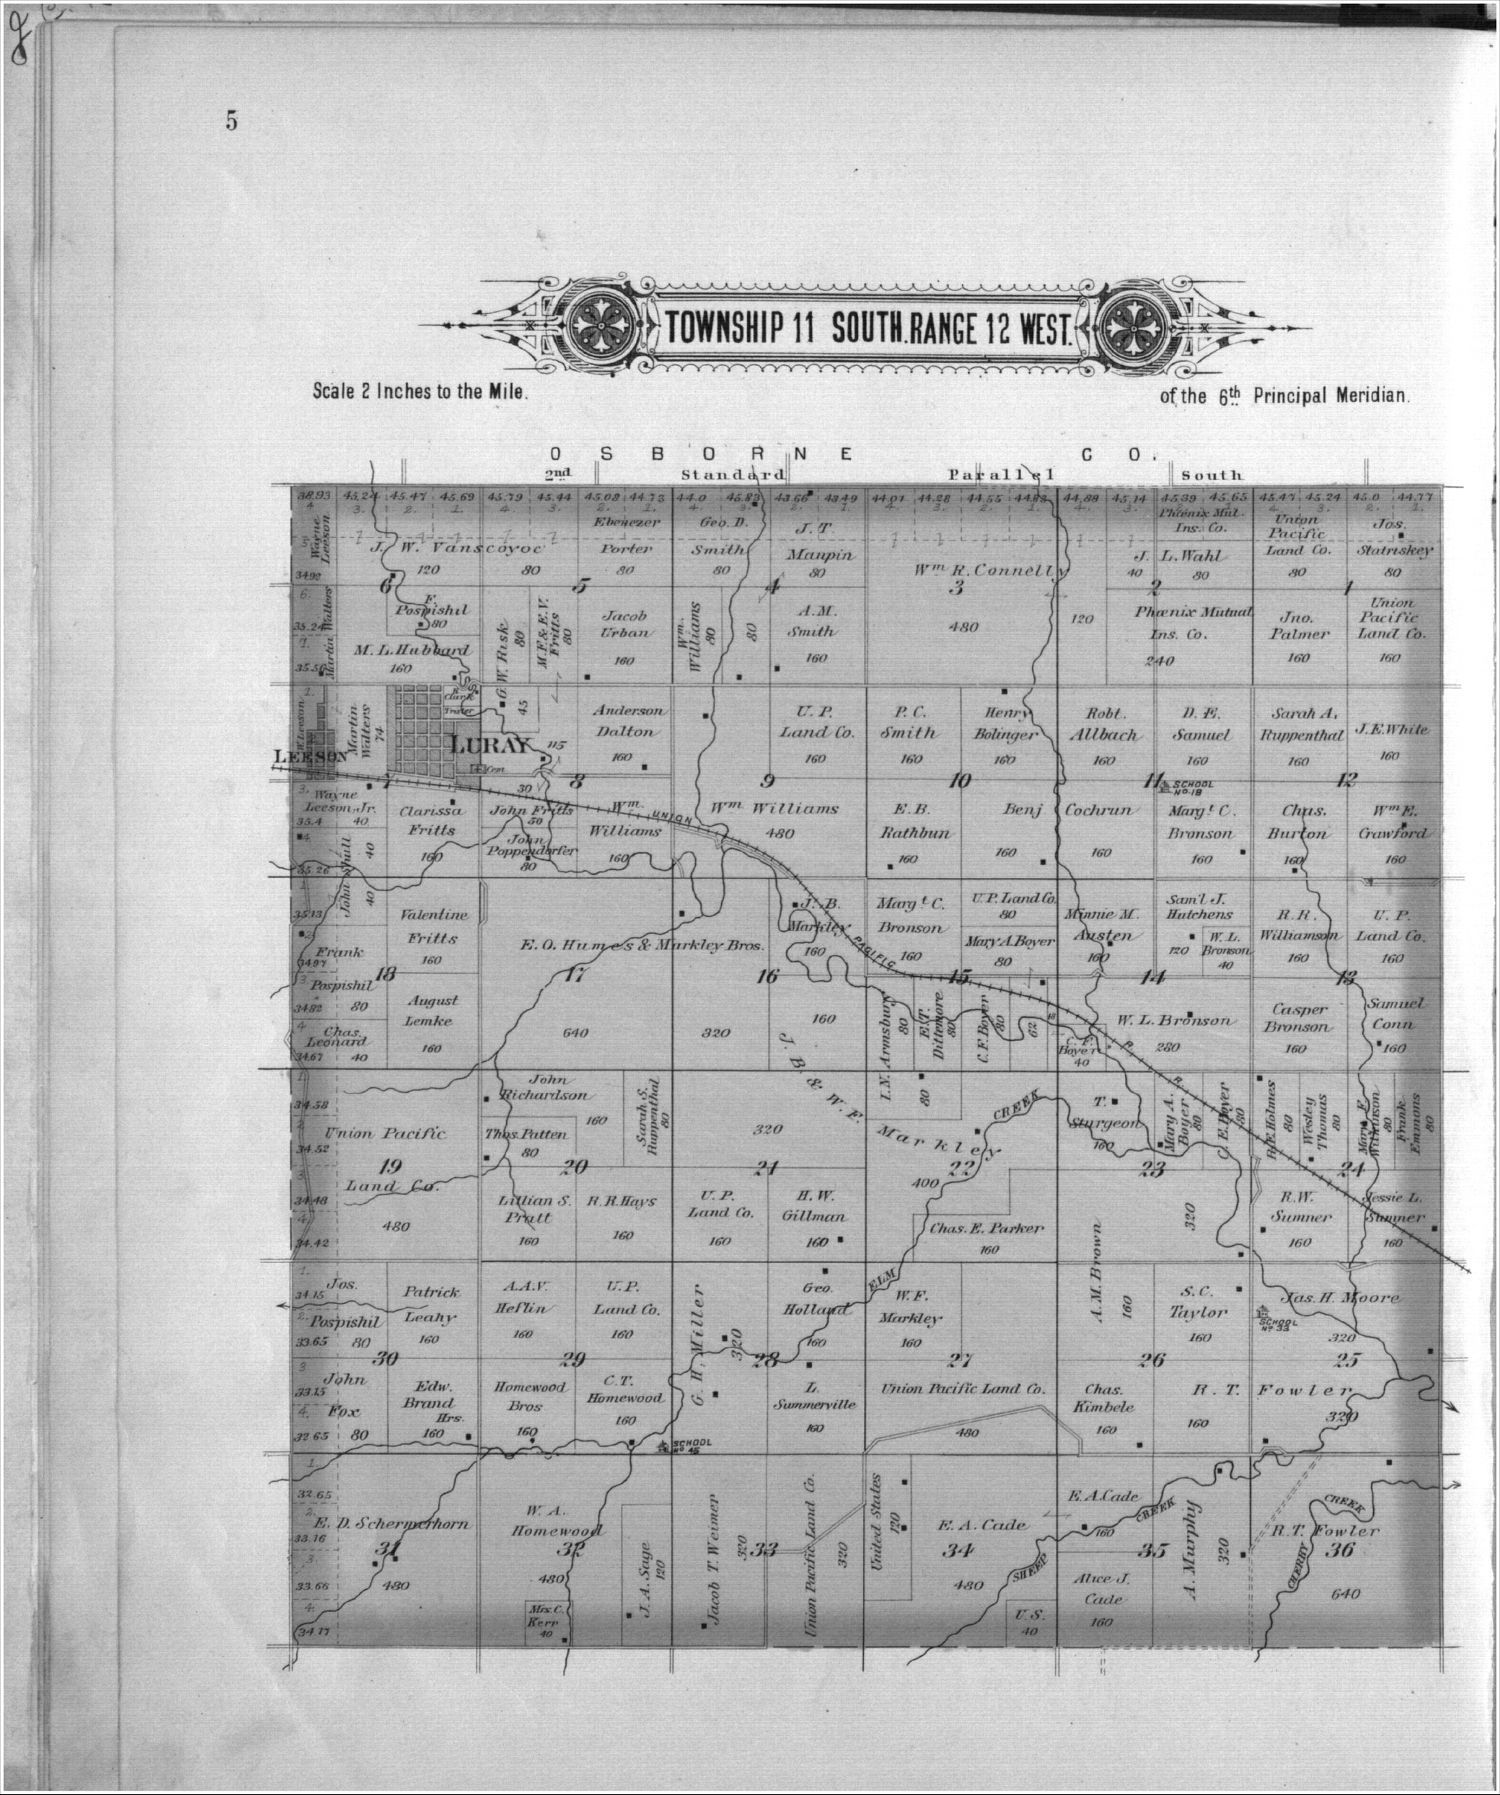 Plat book, Russell County, Kansas - 5